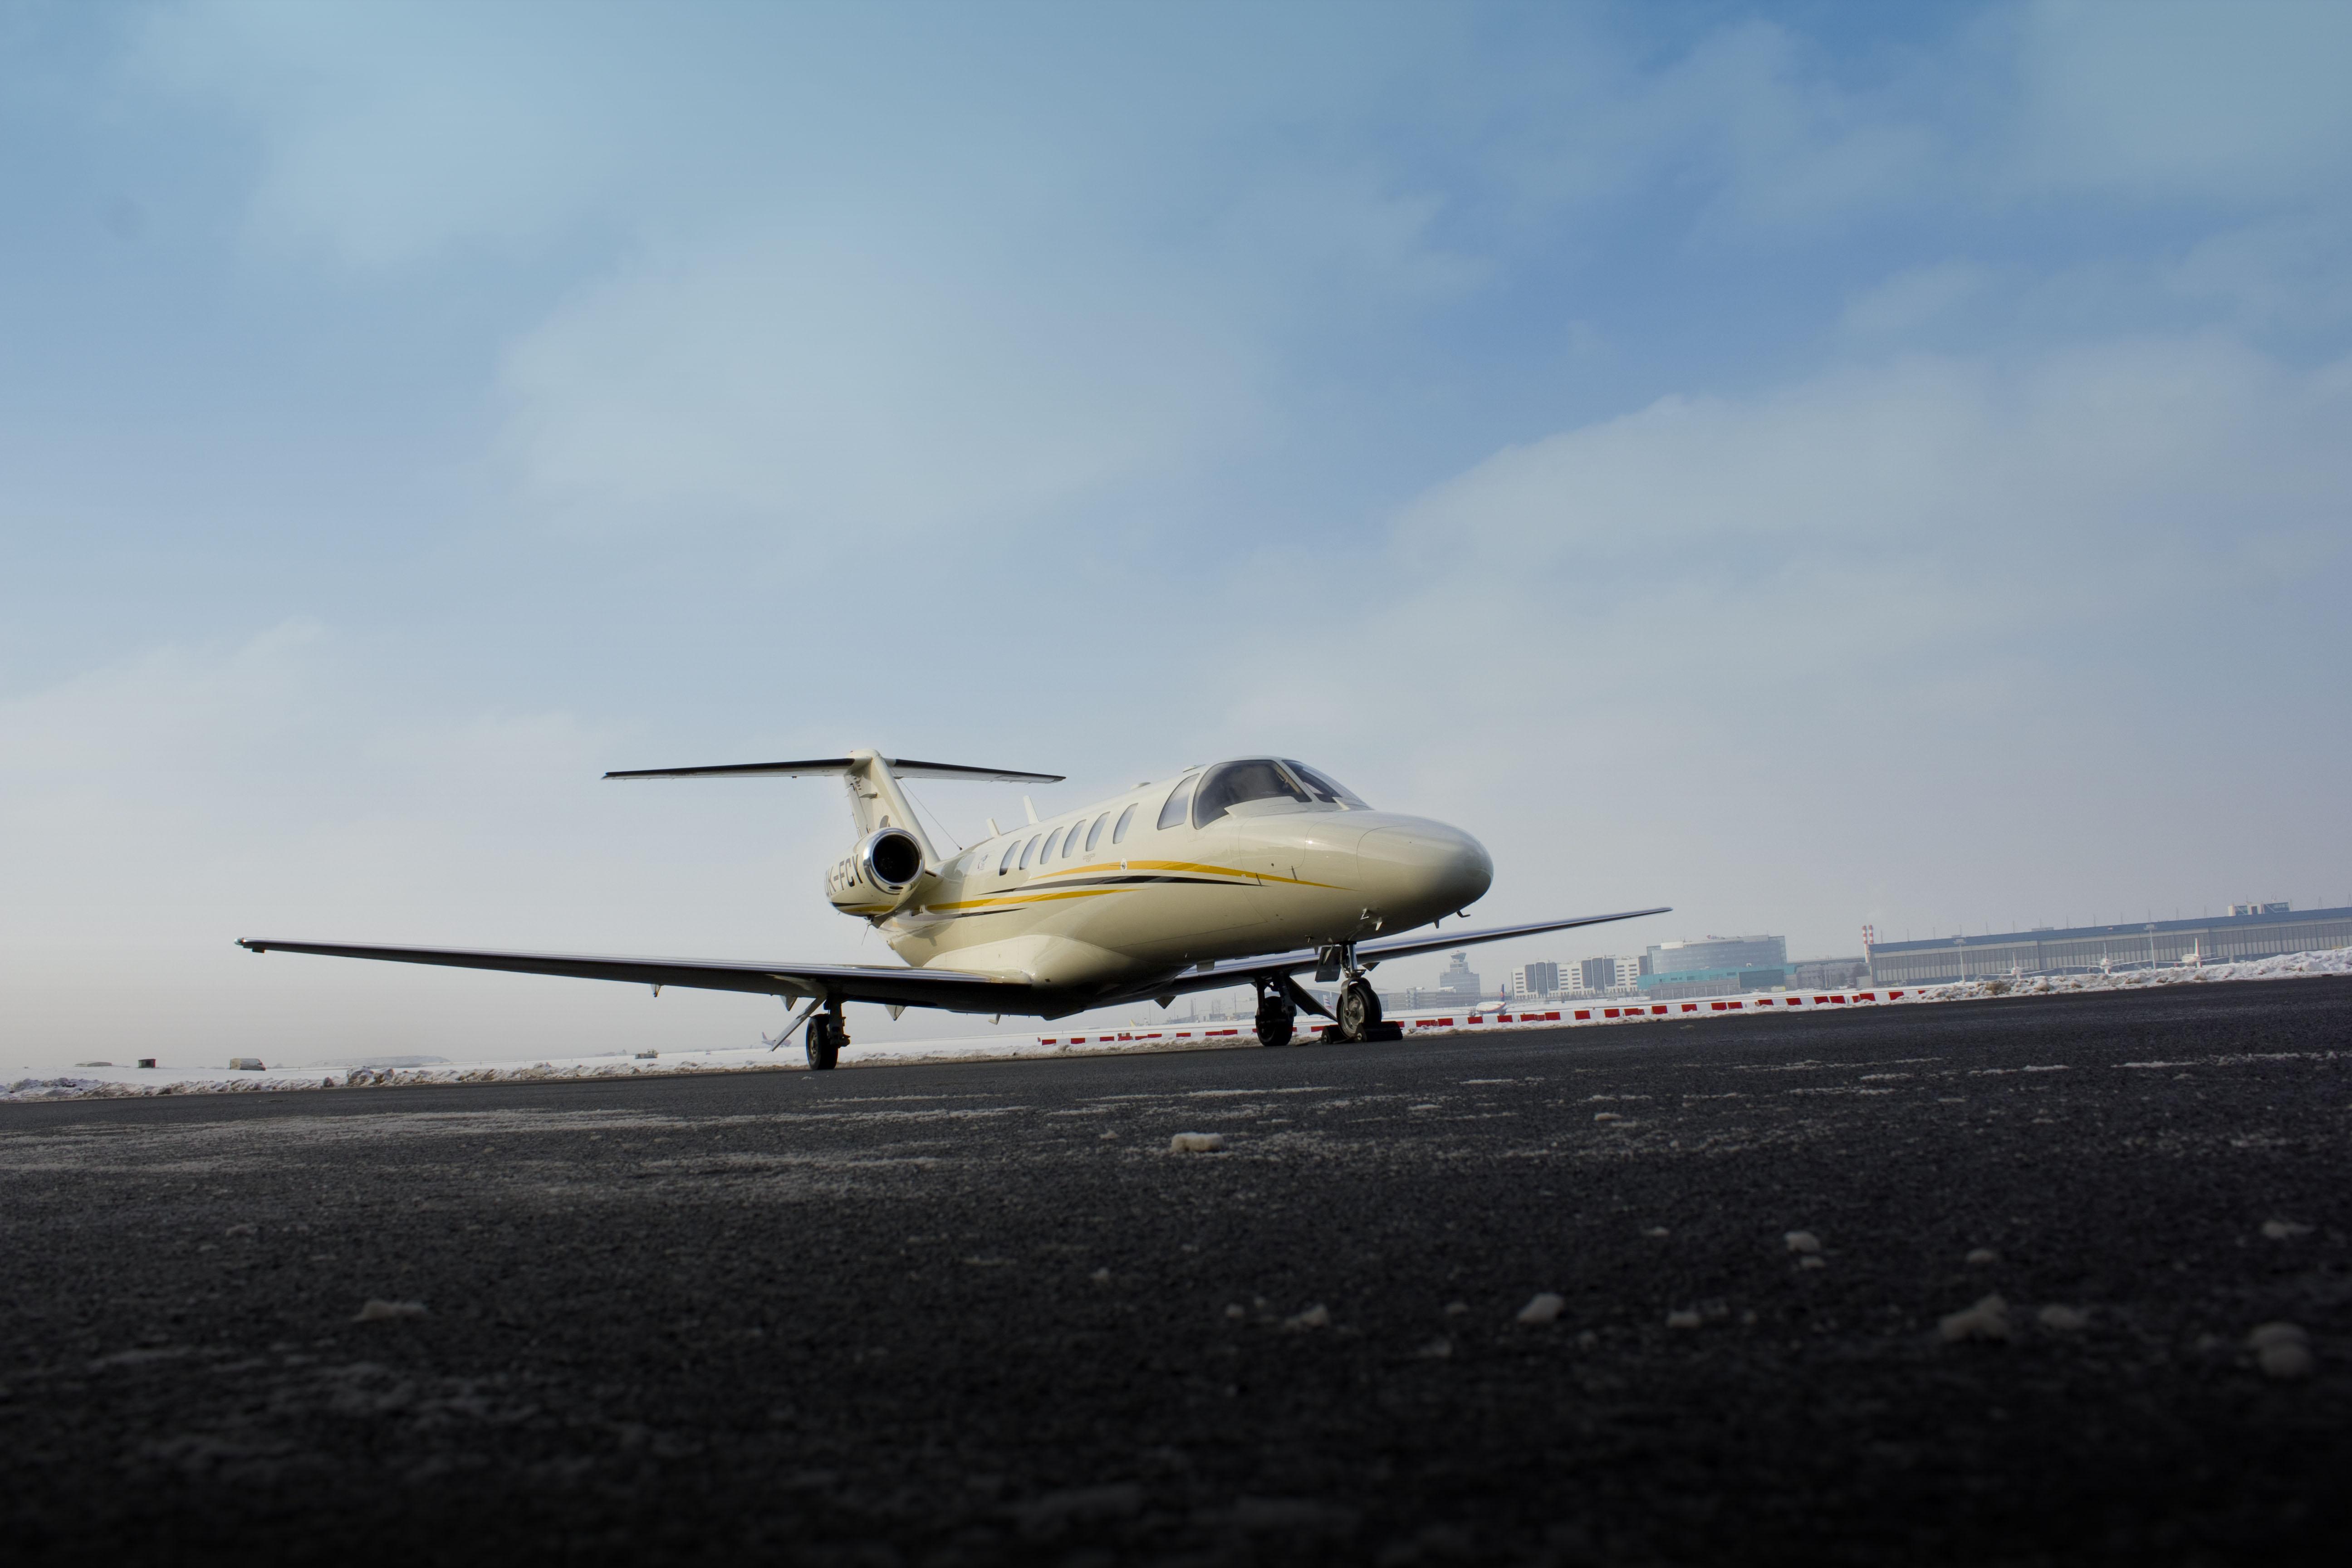 Коммерческий самолёт  от Cessna Aircraft Company для управления одним пилотом - фото 2